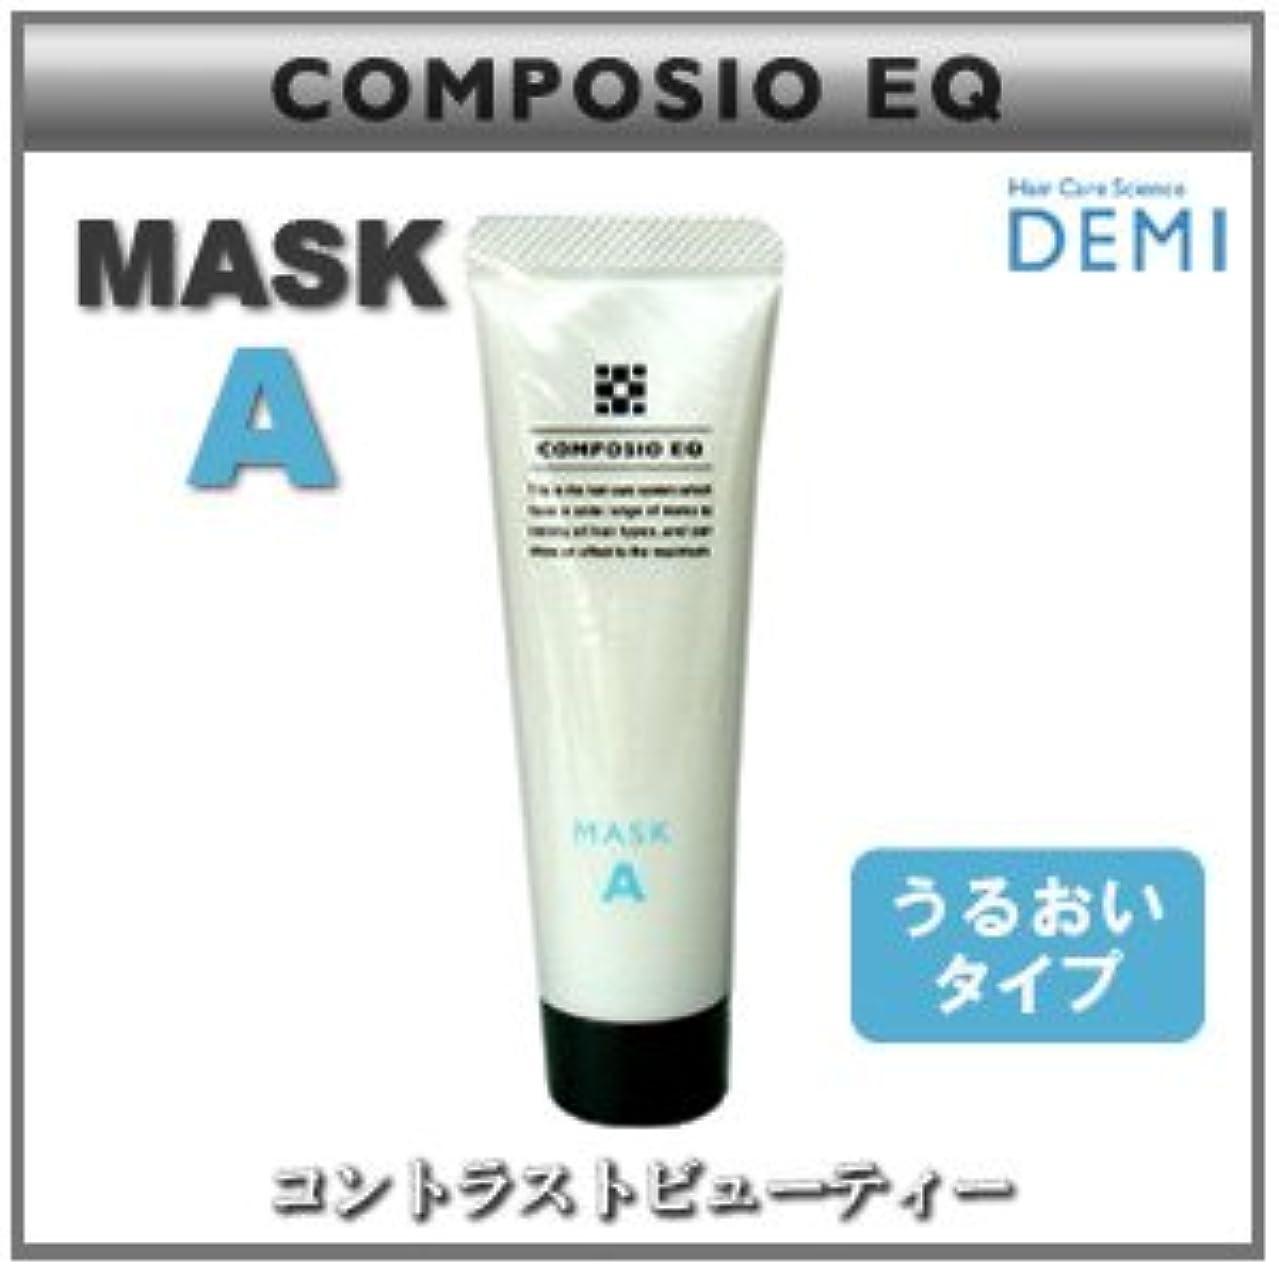 ジョットディボンドン蛇行矢じり【X2個セット】 デミ コンポジオ EQ マスク A 50g